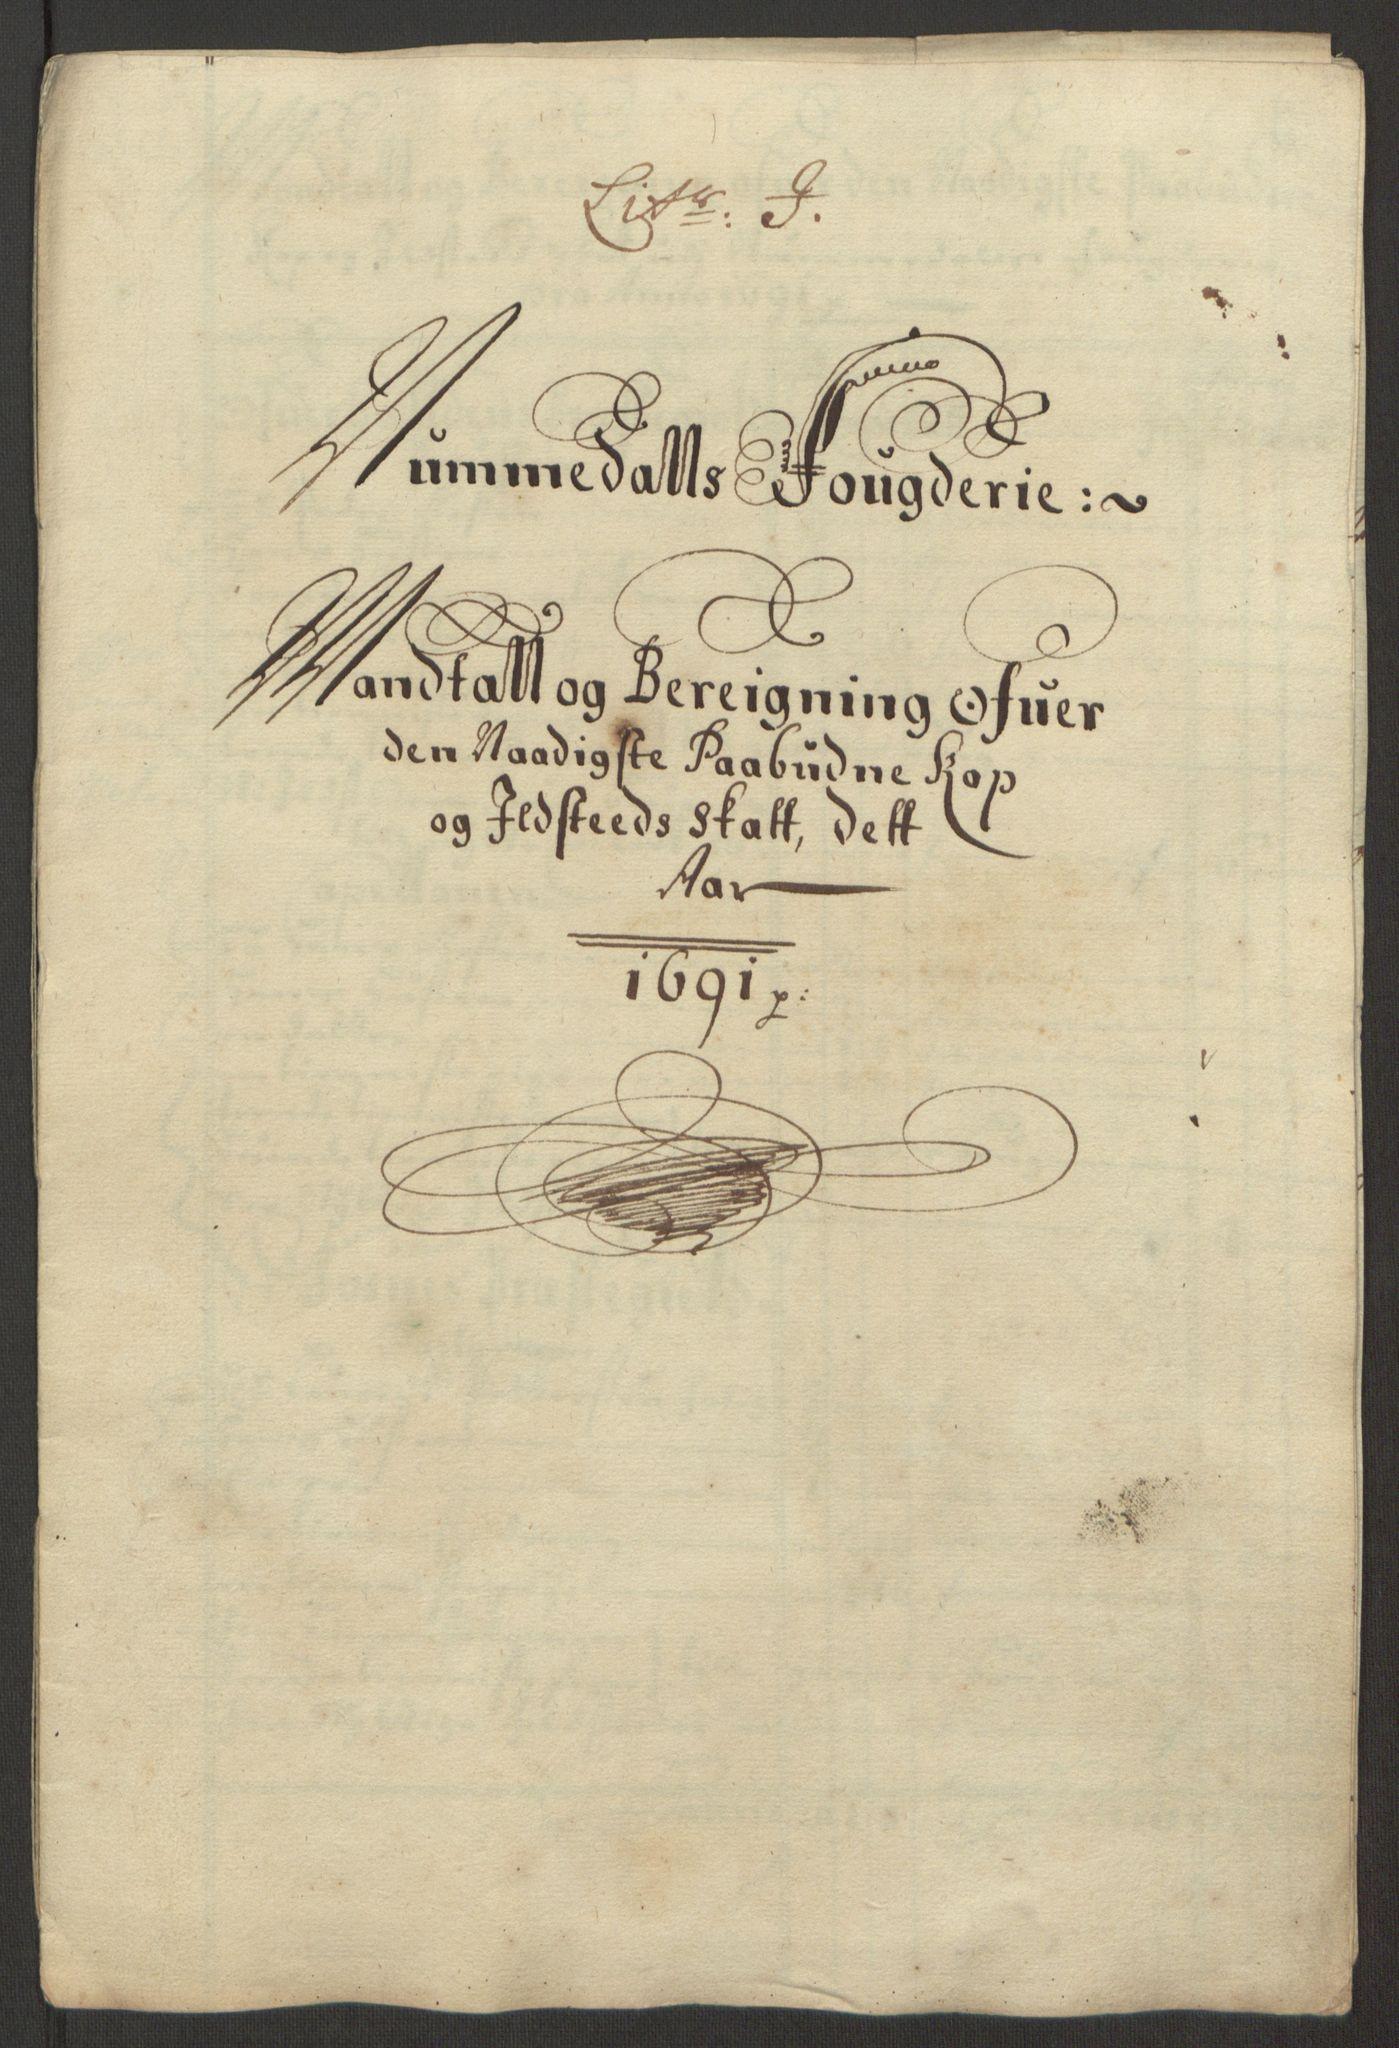 RA, Rentekammeret inntil 1814, Reviderte regnskaper, Fogderegnskap, R64/L4423: Fogderegnskap Namdal, 1690-1691, s. 259